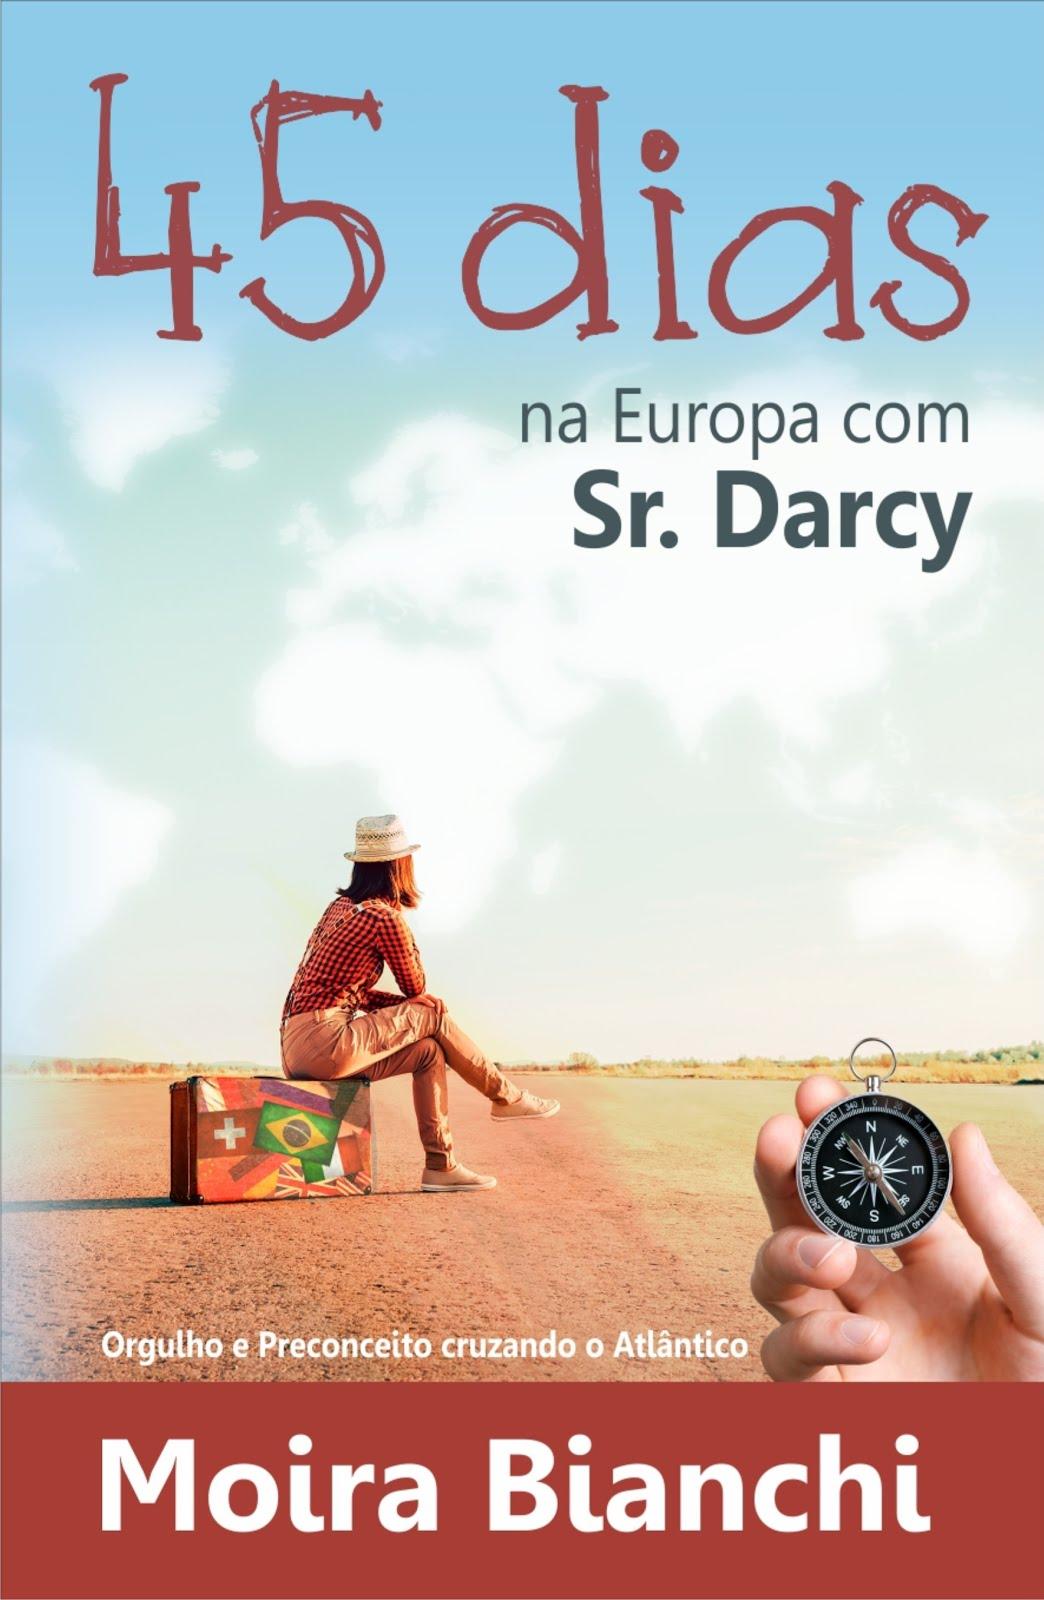 45 dias na Europa com Sr. Darcy